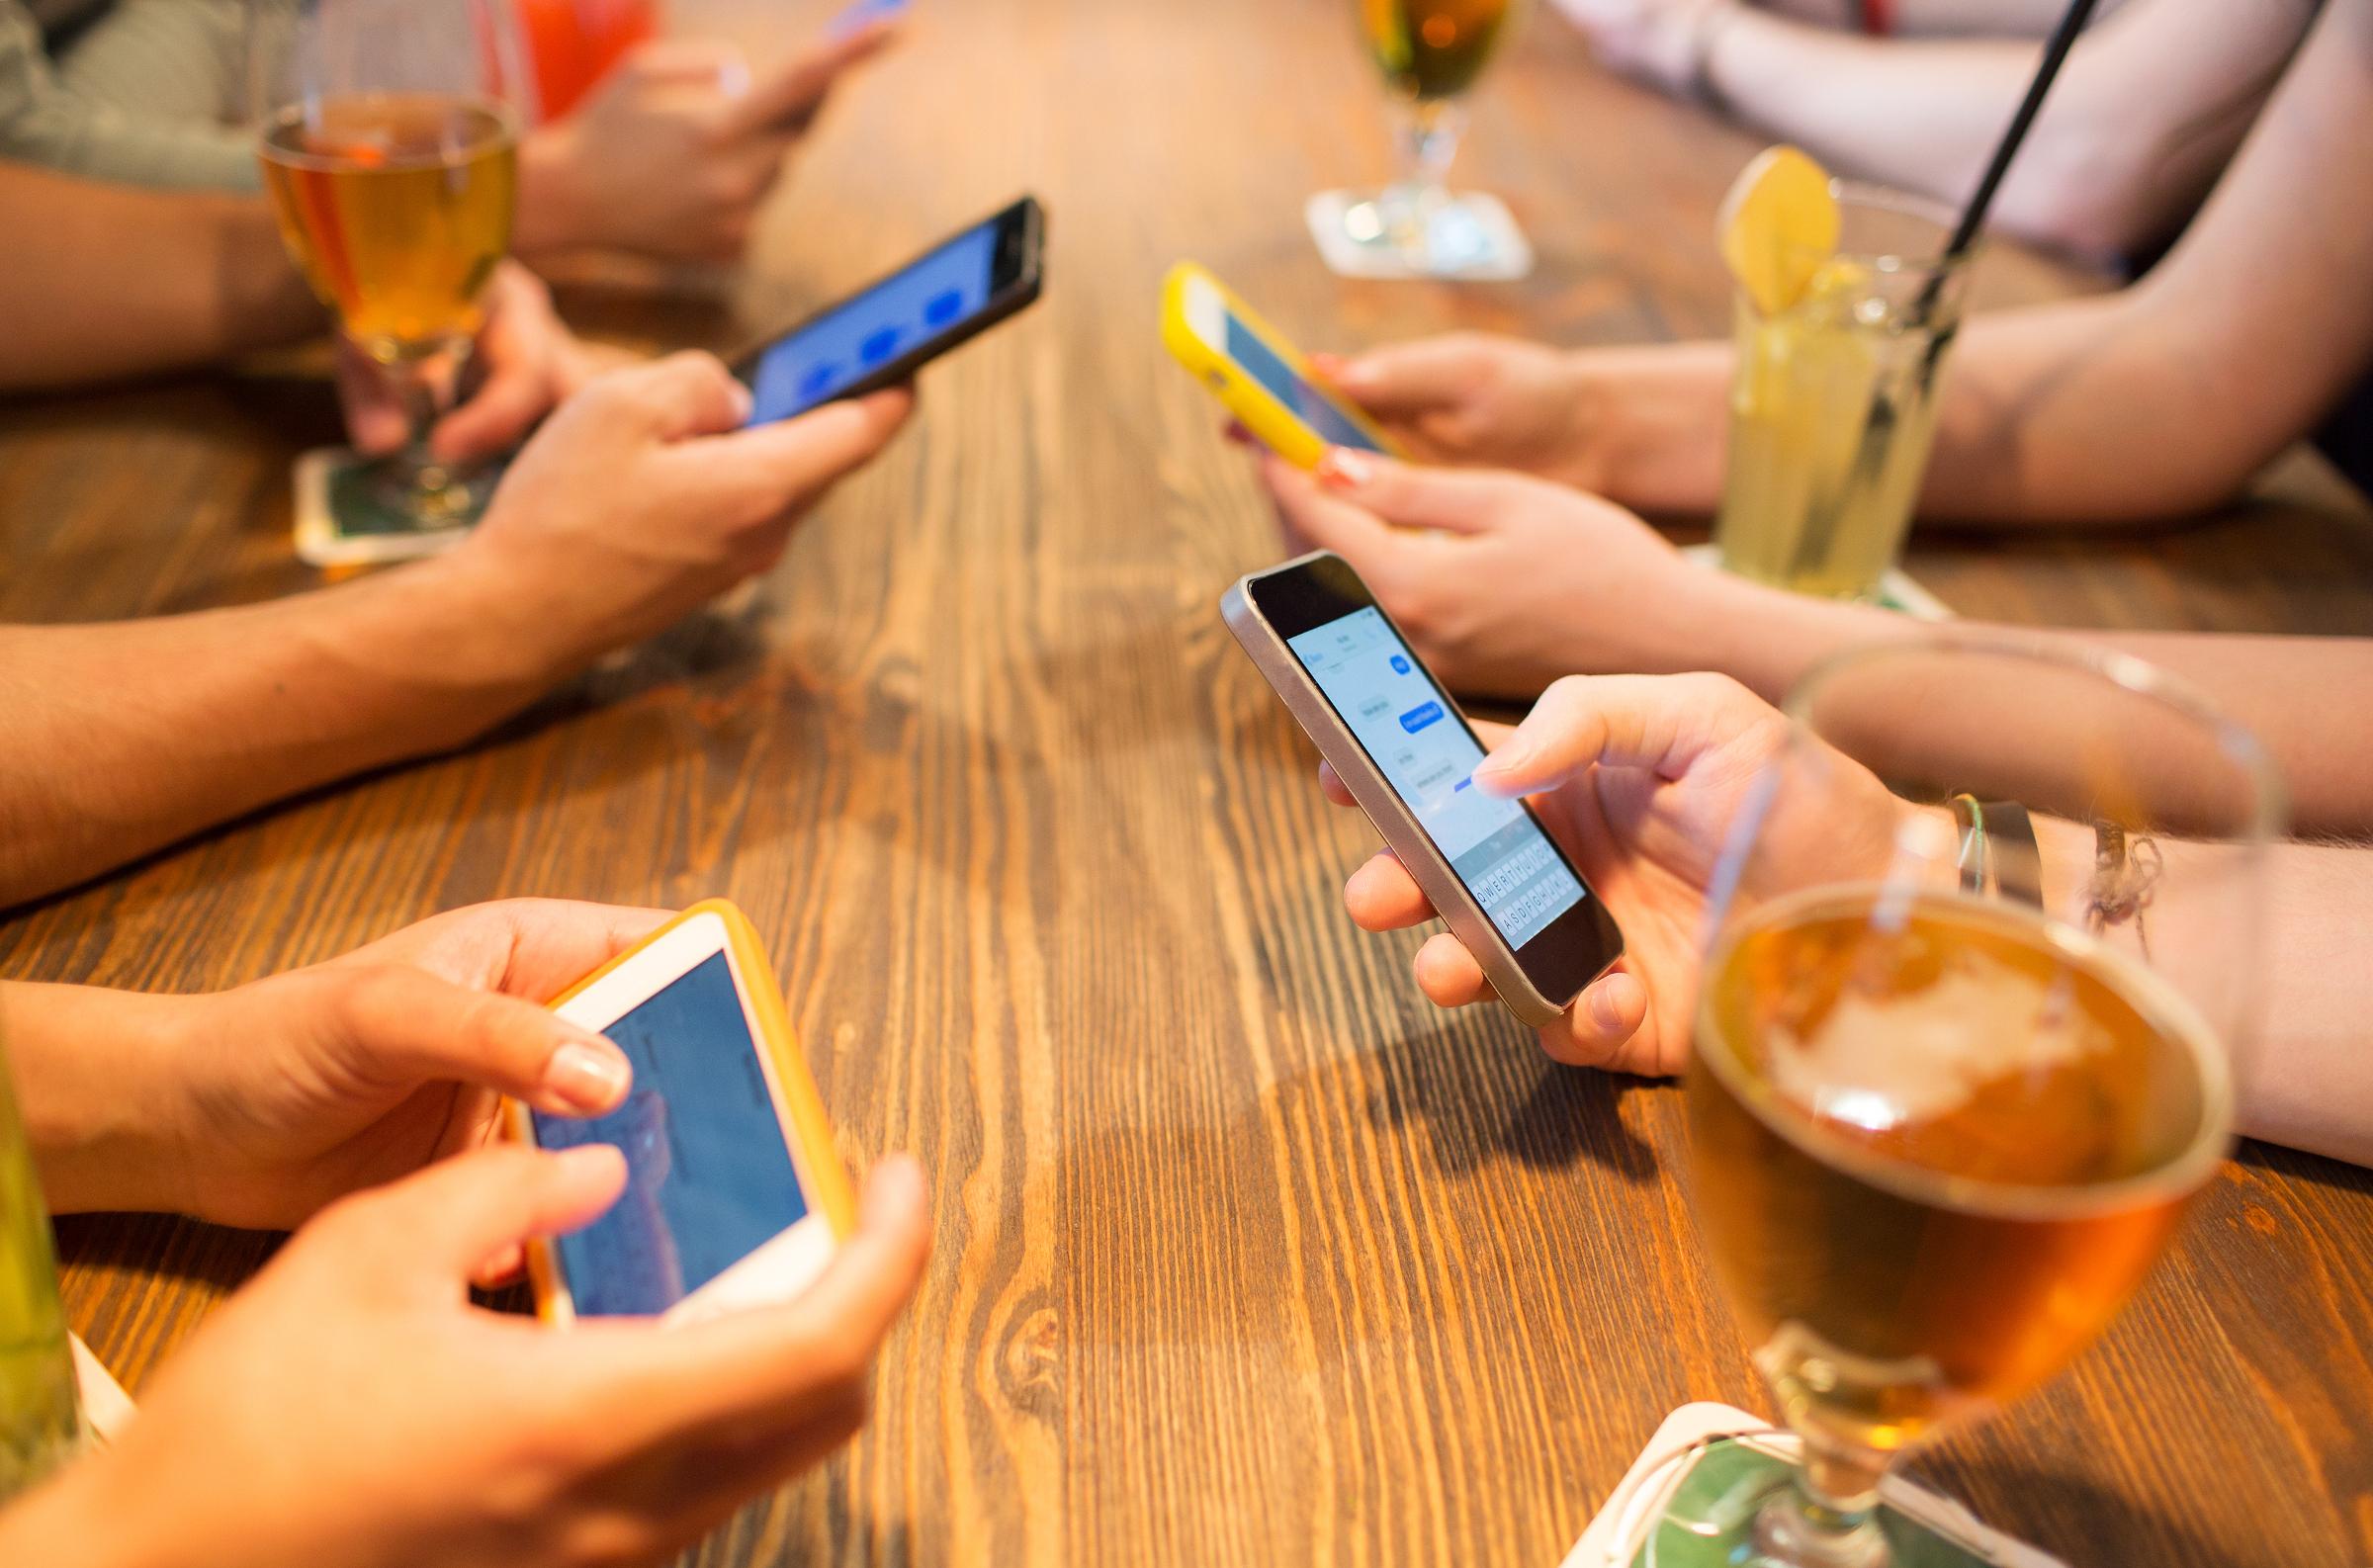 El 93,3% de los españoles consume contenidos digitales: así han cambiado nuestros hábitos con la pandemia